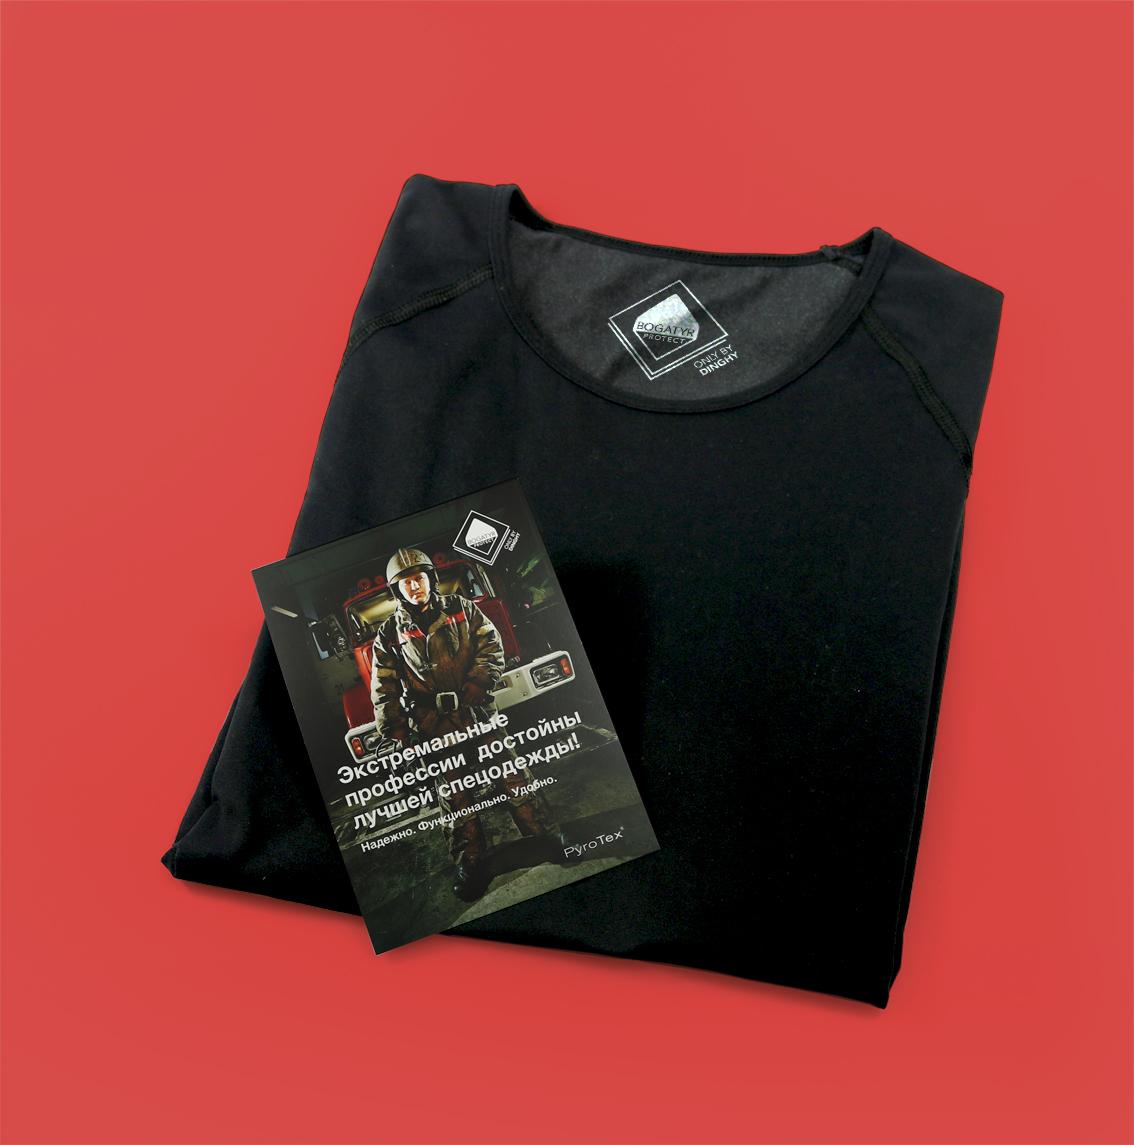 Bogatyr_Shirt